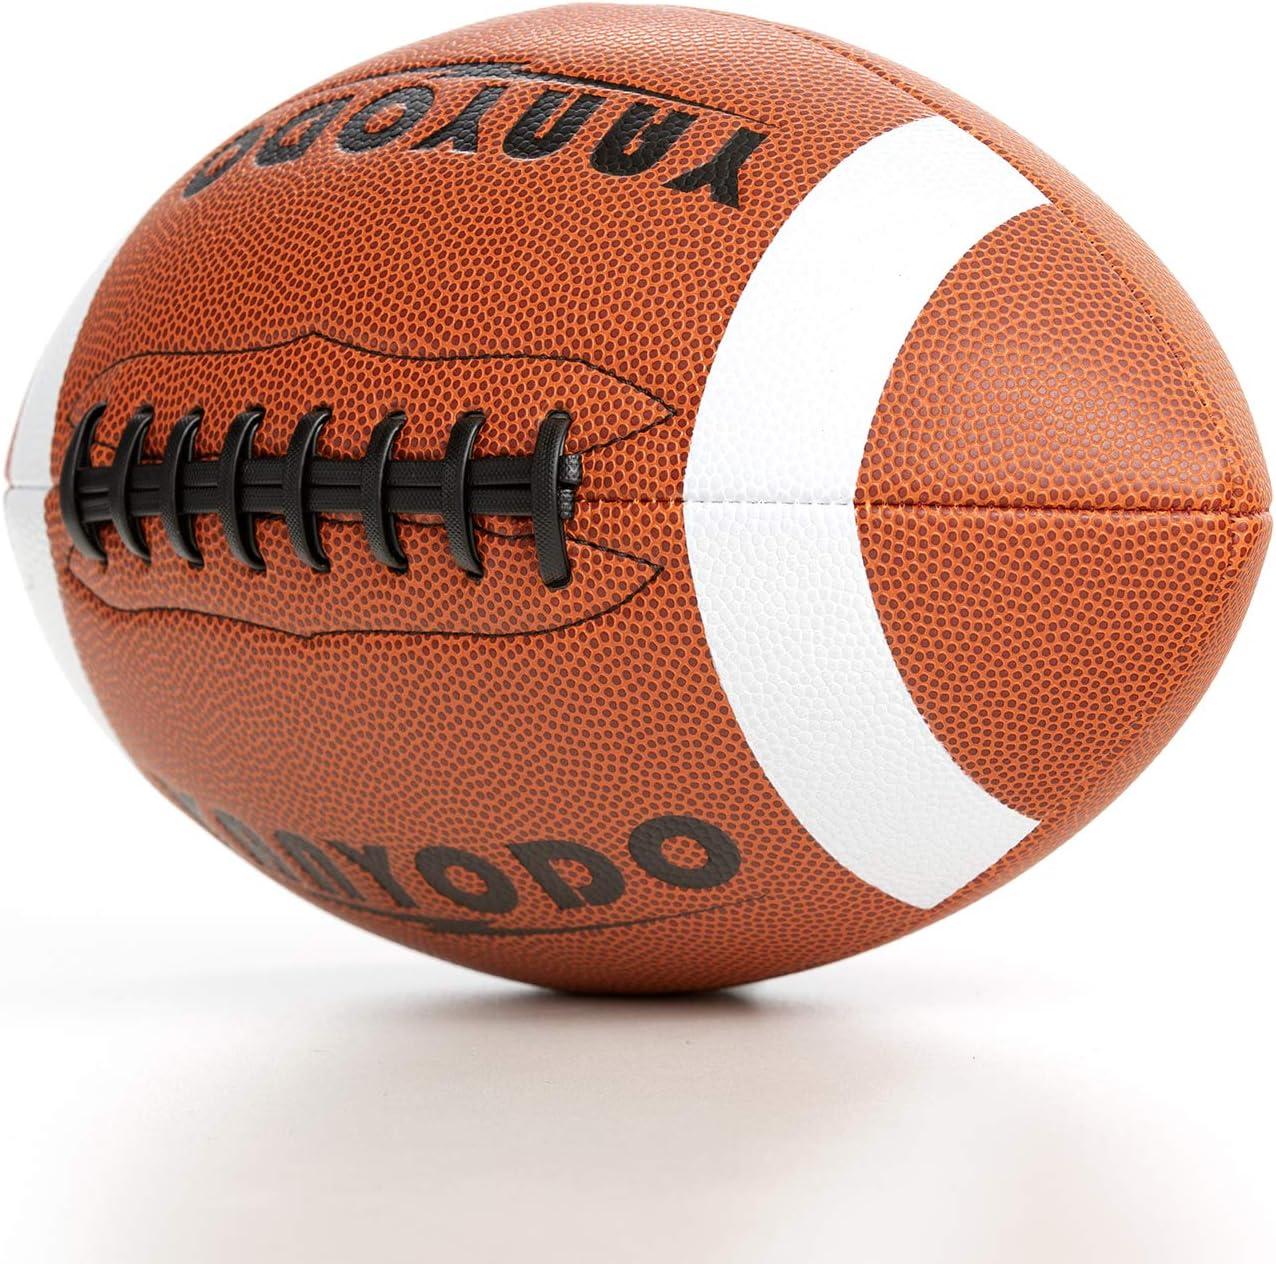 YANYODO Balón de fútbol Oficial tamaño 9, superagarre, Juego de Entrenamiento y recreación, Funda de Piel de Microfibra para la Escuela Secundaria de la Liga Juvenil, Negro (Black Lace): Amazon.es: Deportes y